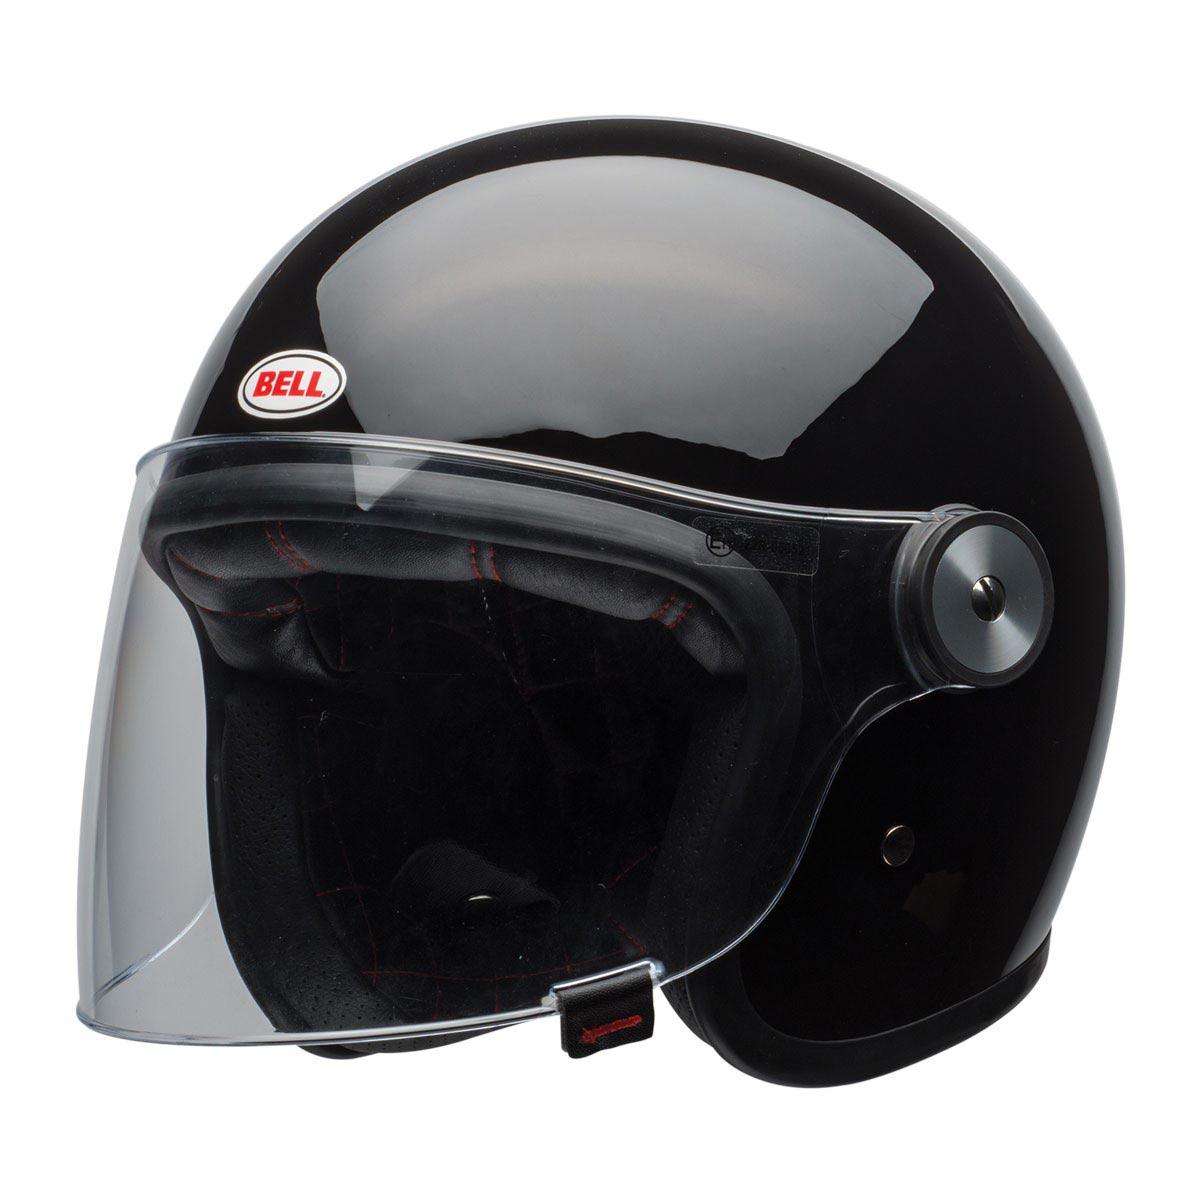 Bell Riot Solid Black Casque Moto Vintage Jet Biker Avec écran